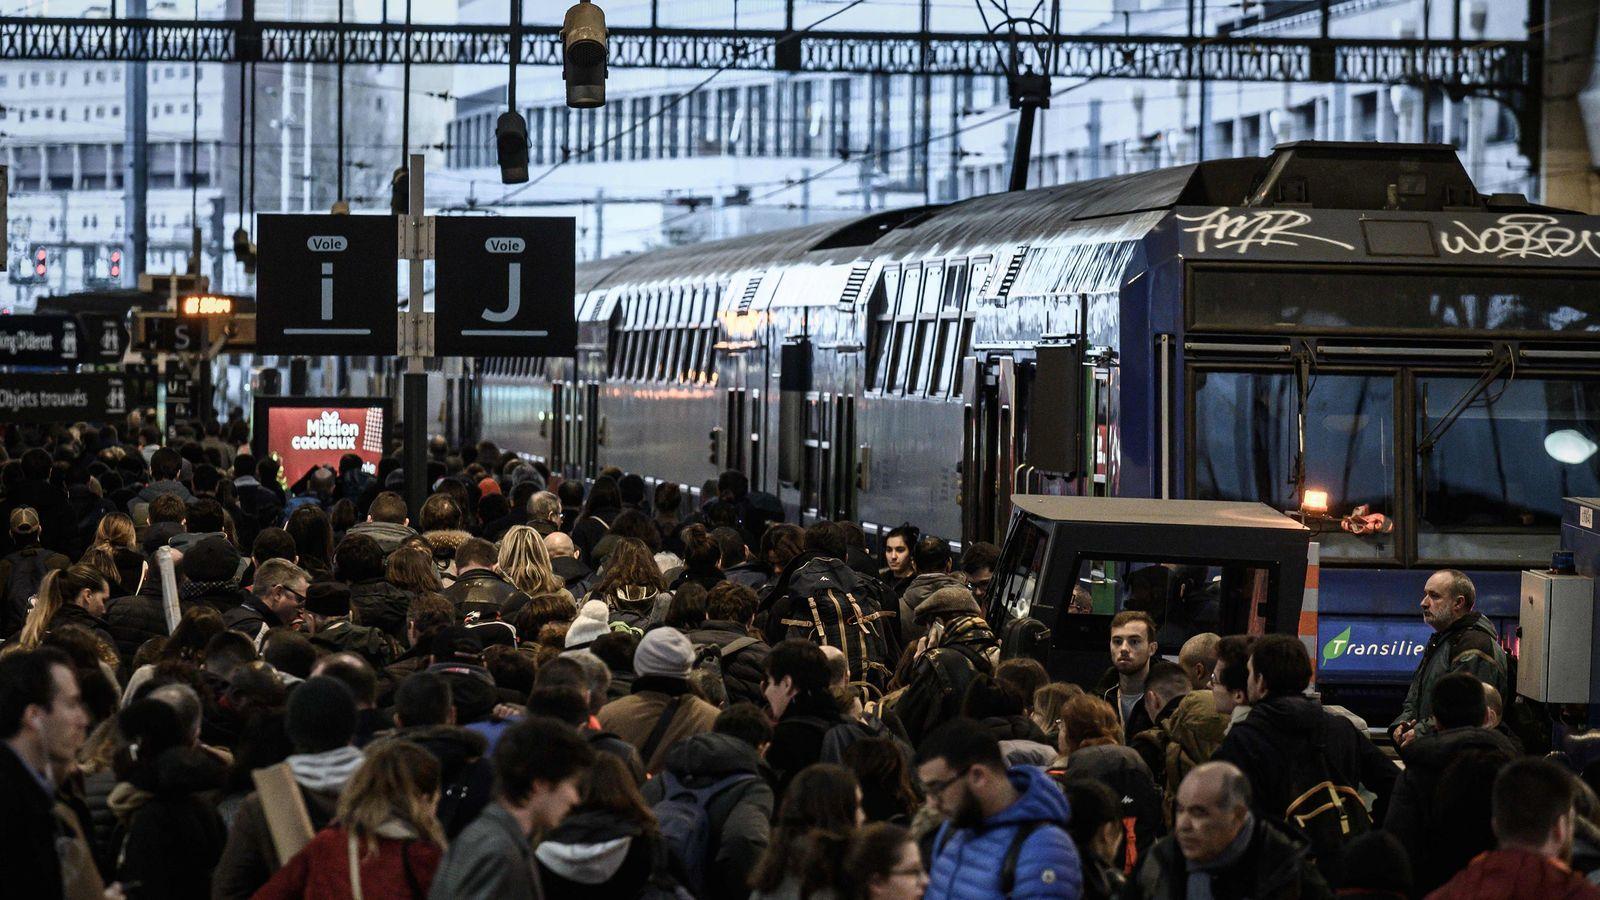 フランス人がいくら電車が止まっても駅員を怒らないワケ 「47日間連続スト」を受け入れる背景